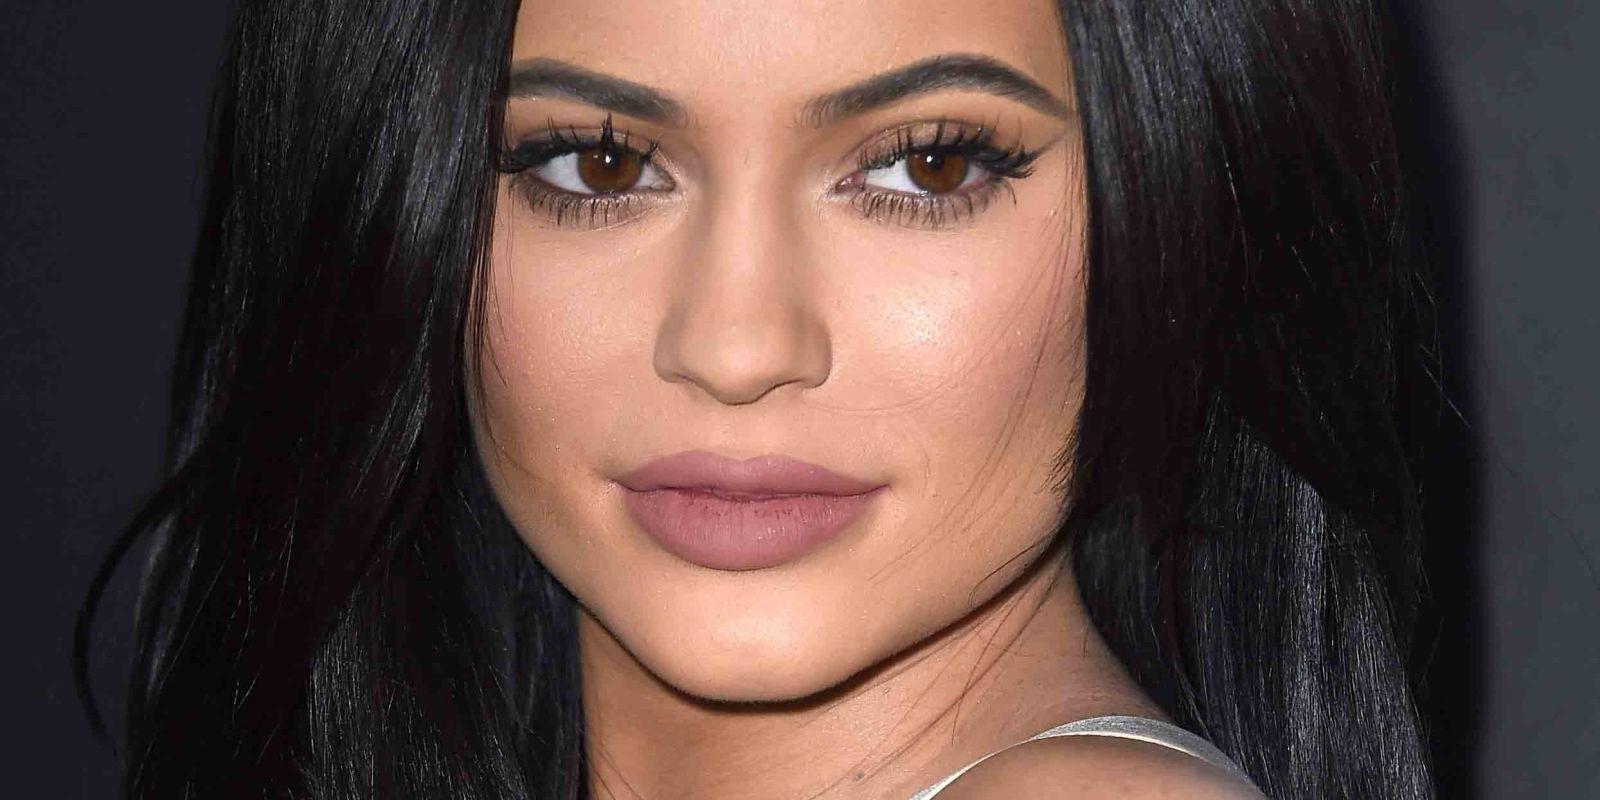 Lip lift: famosas como kylie Jenner aumentan sus labios